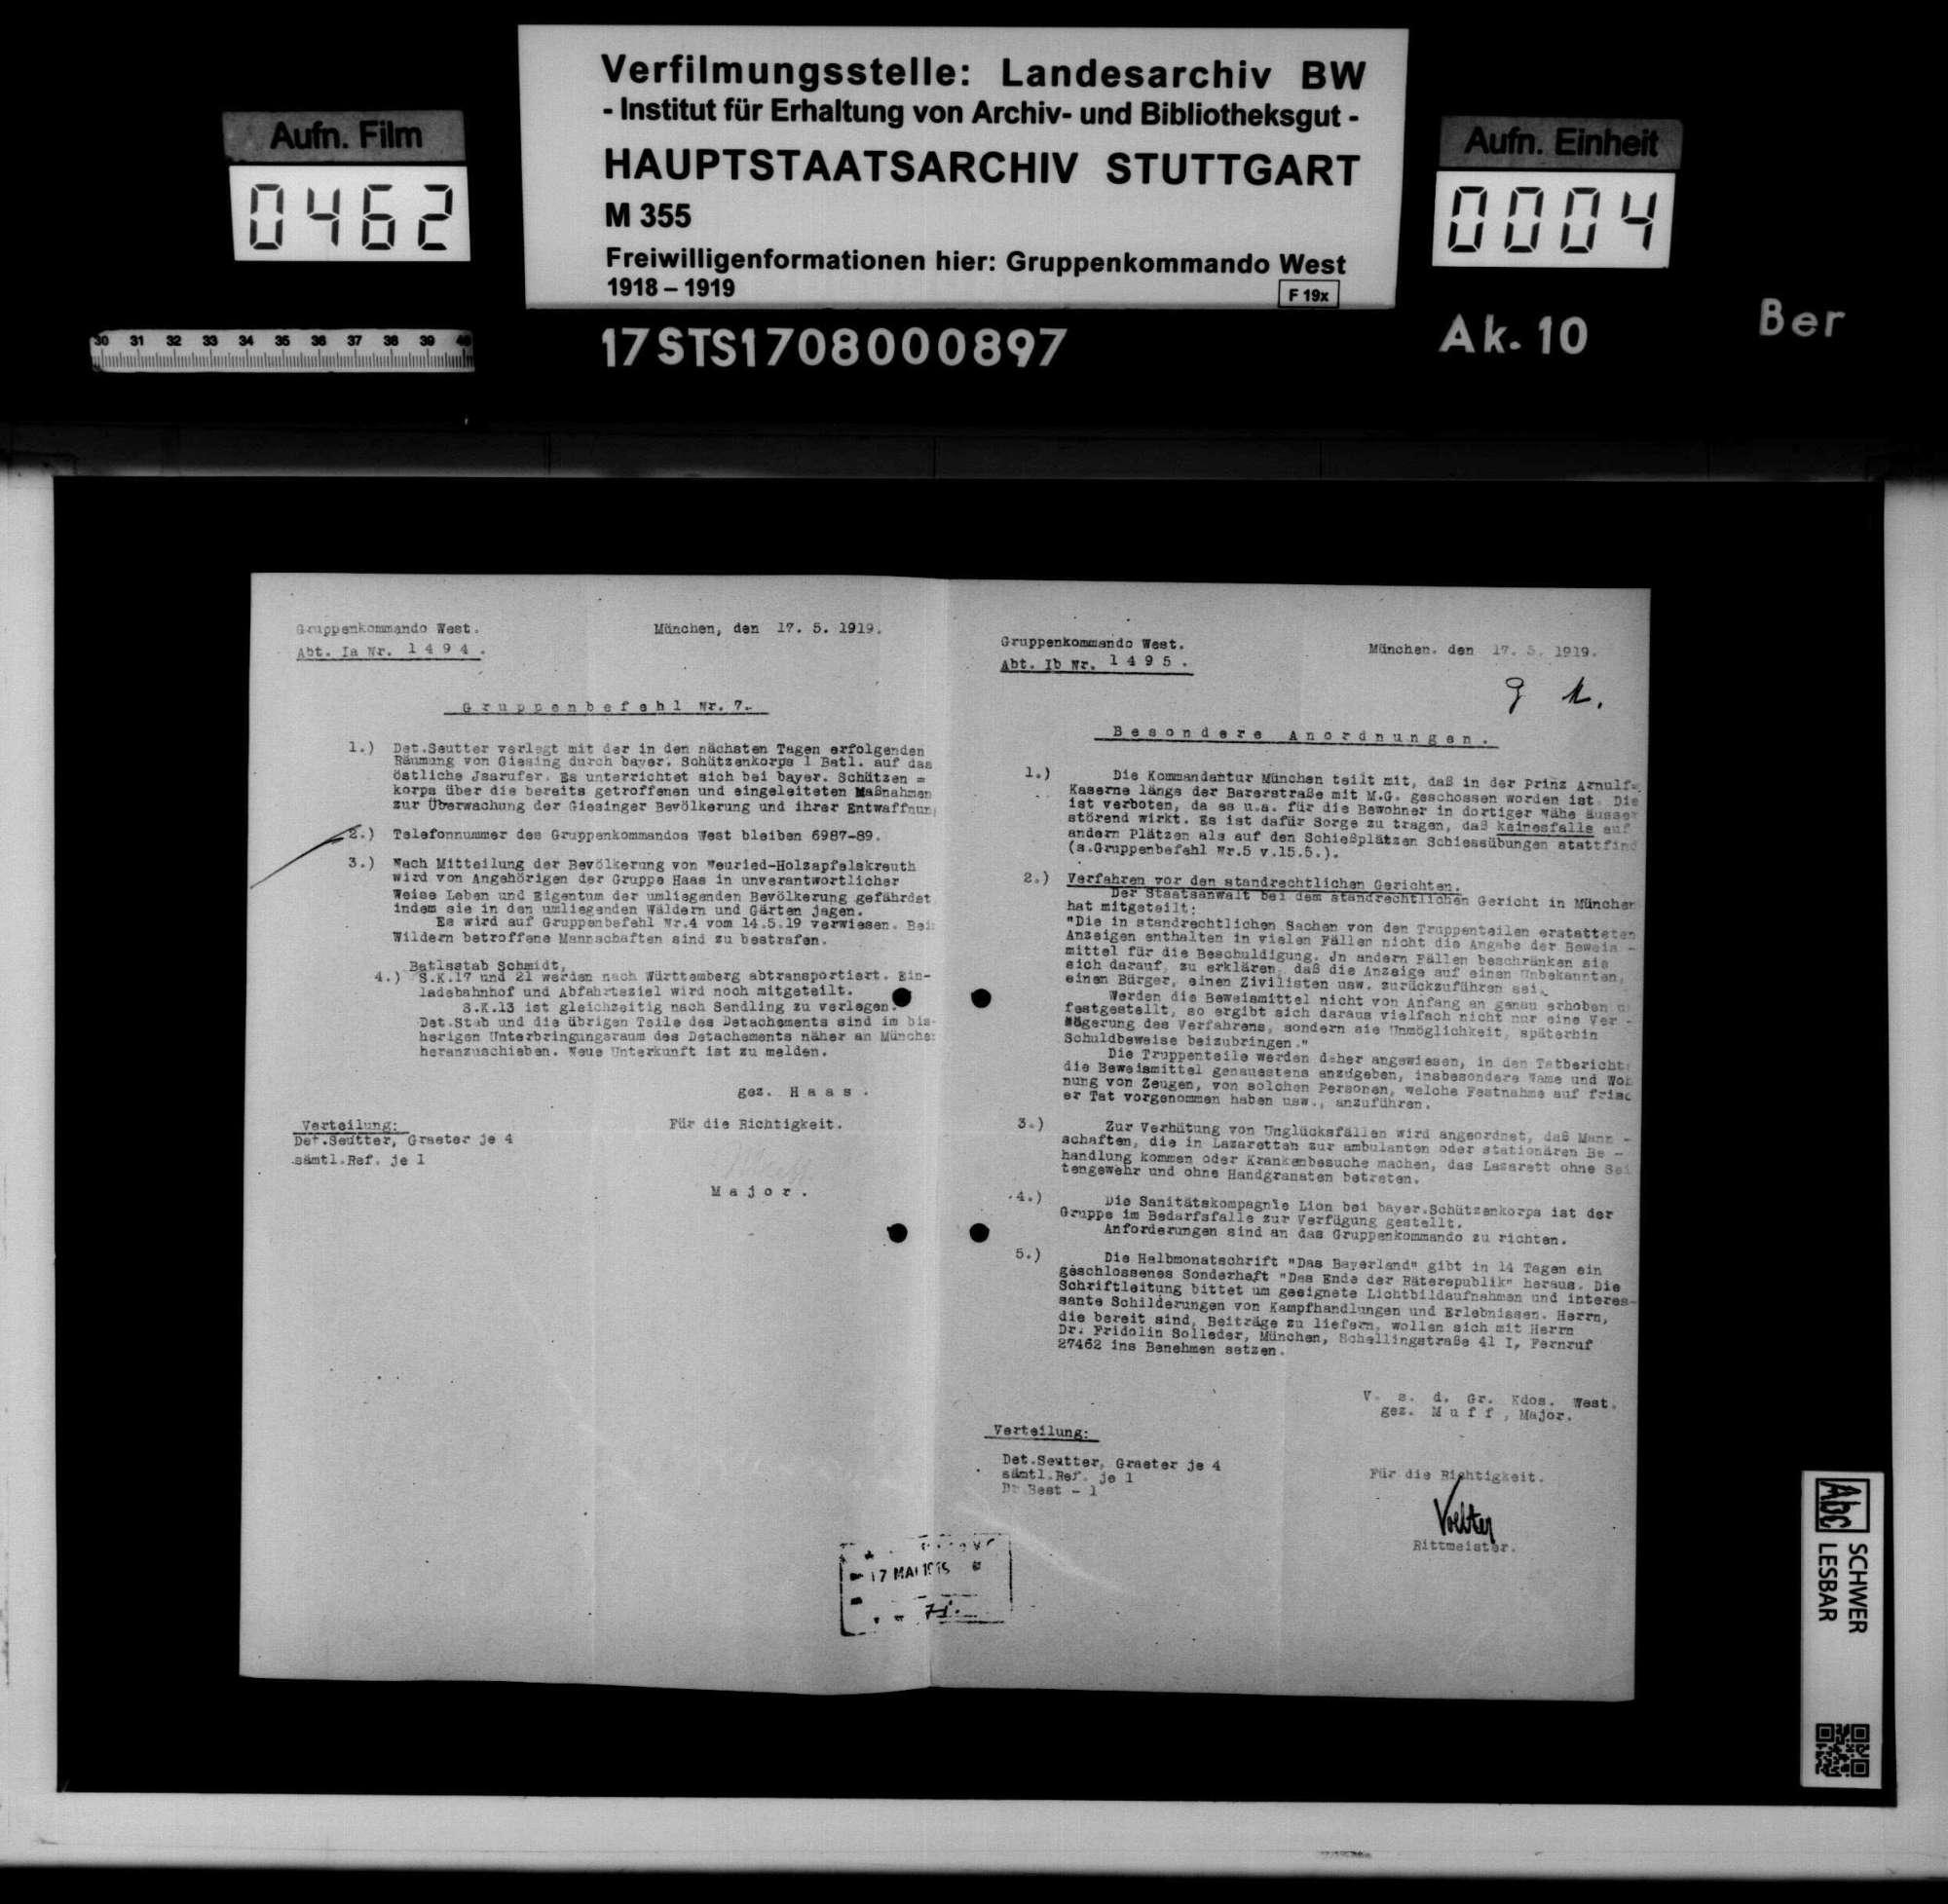 Befehle und Anordnungen des Württembergischen Kriegsministeriums, Generalkommandos XIII und der Bayerischen Behörden, Bild 2